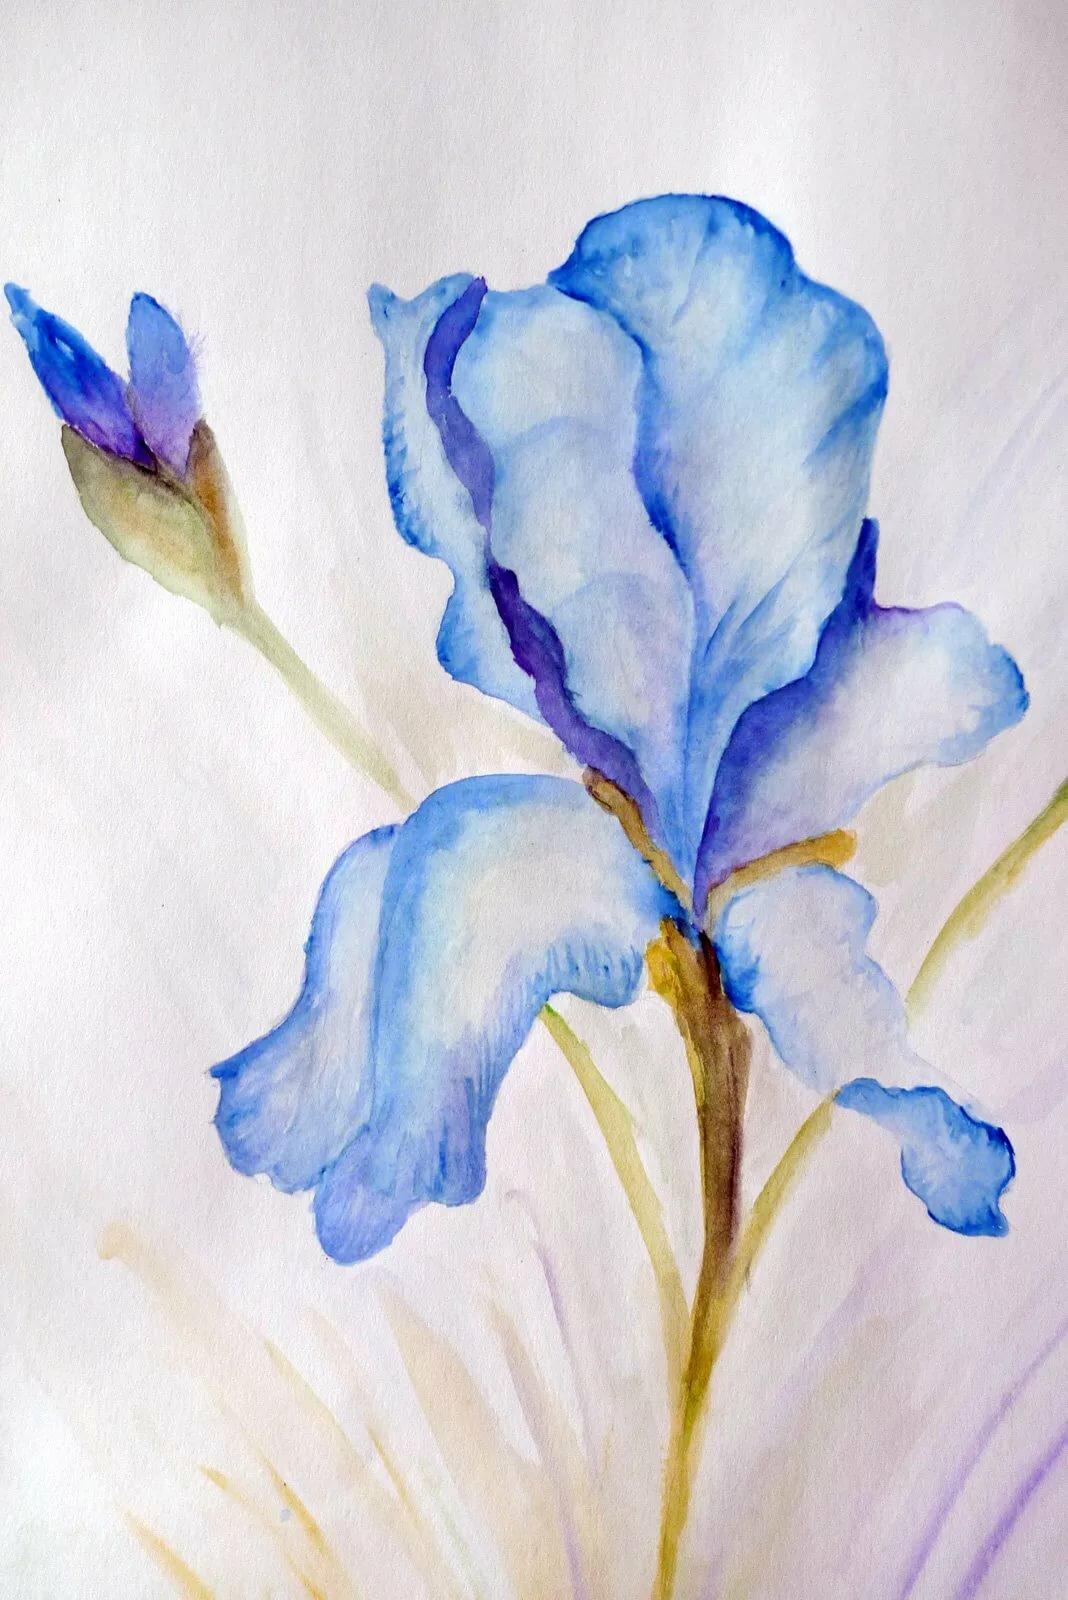 умение рисуем цветы акварелью картинки основана